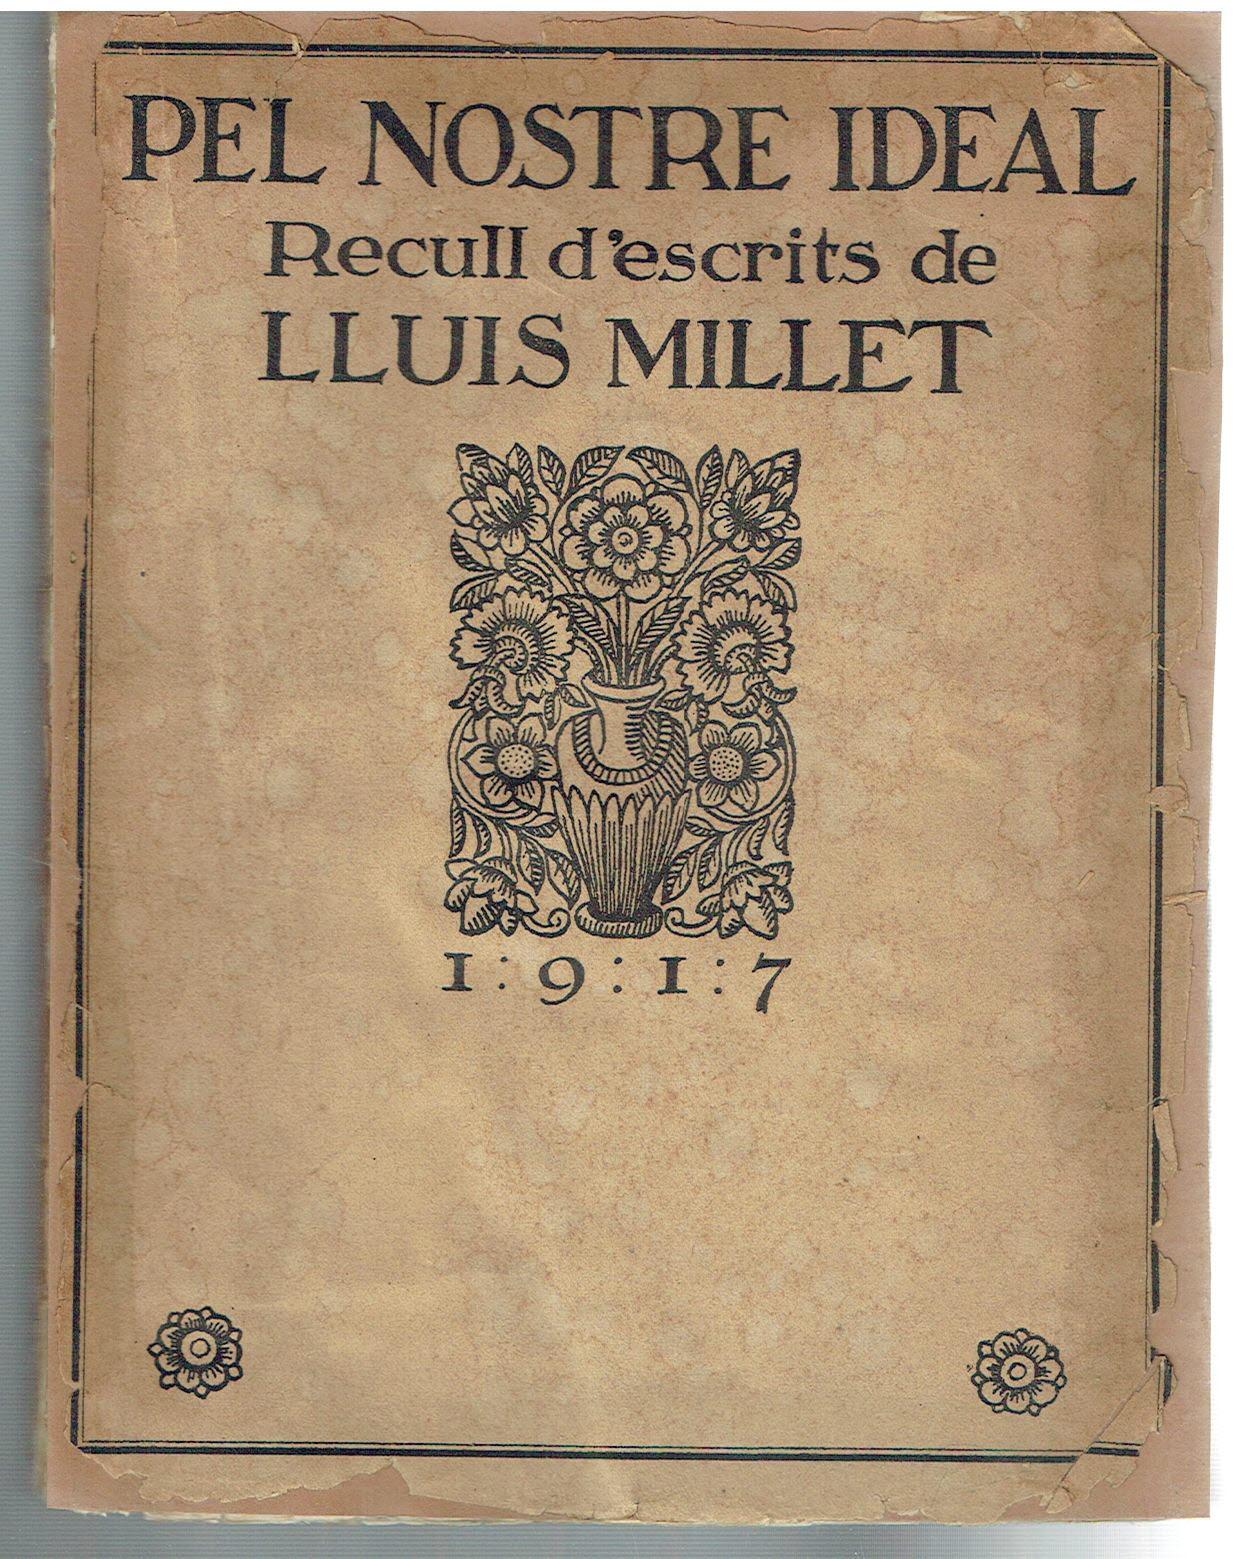 Pel nostre ideal Recull d'escrits - Llu�s Millet